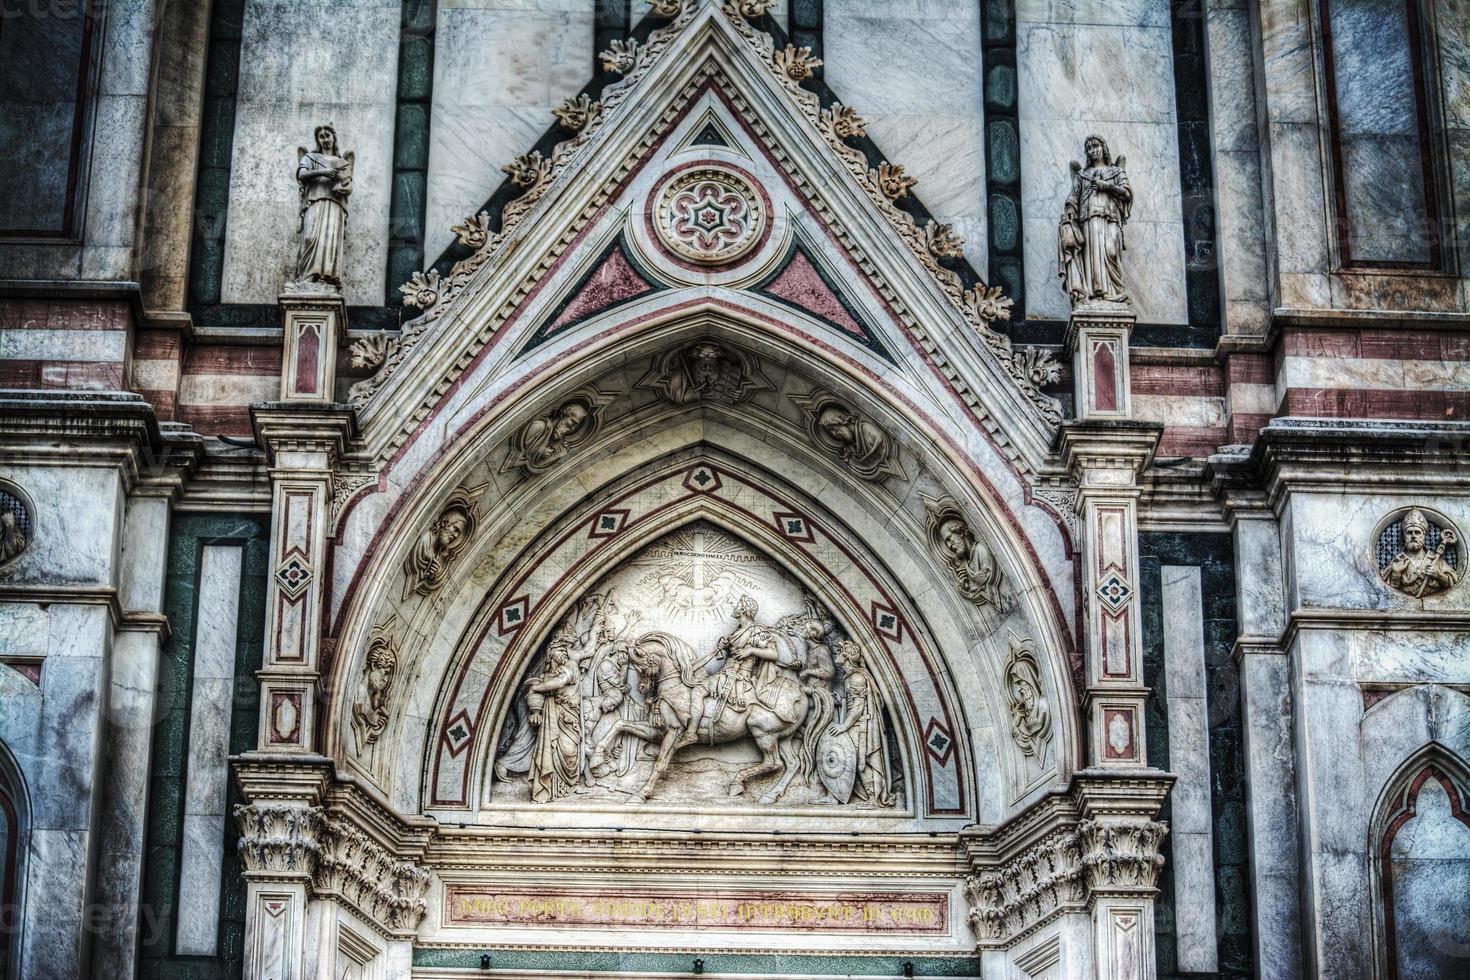 Detalle de la fachada de la catedral de Santa Croce foto